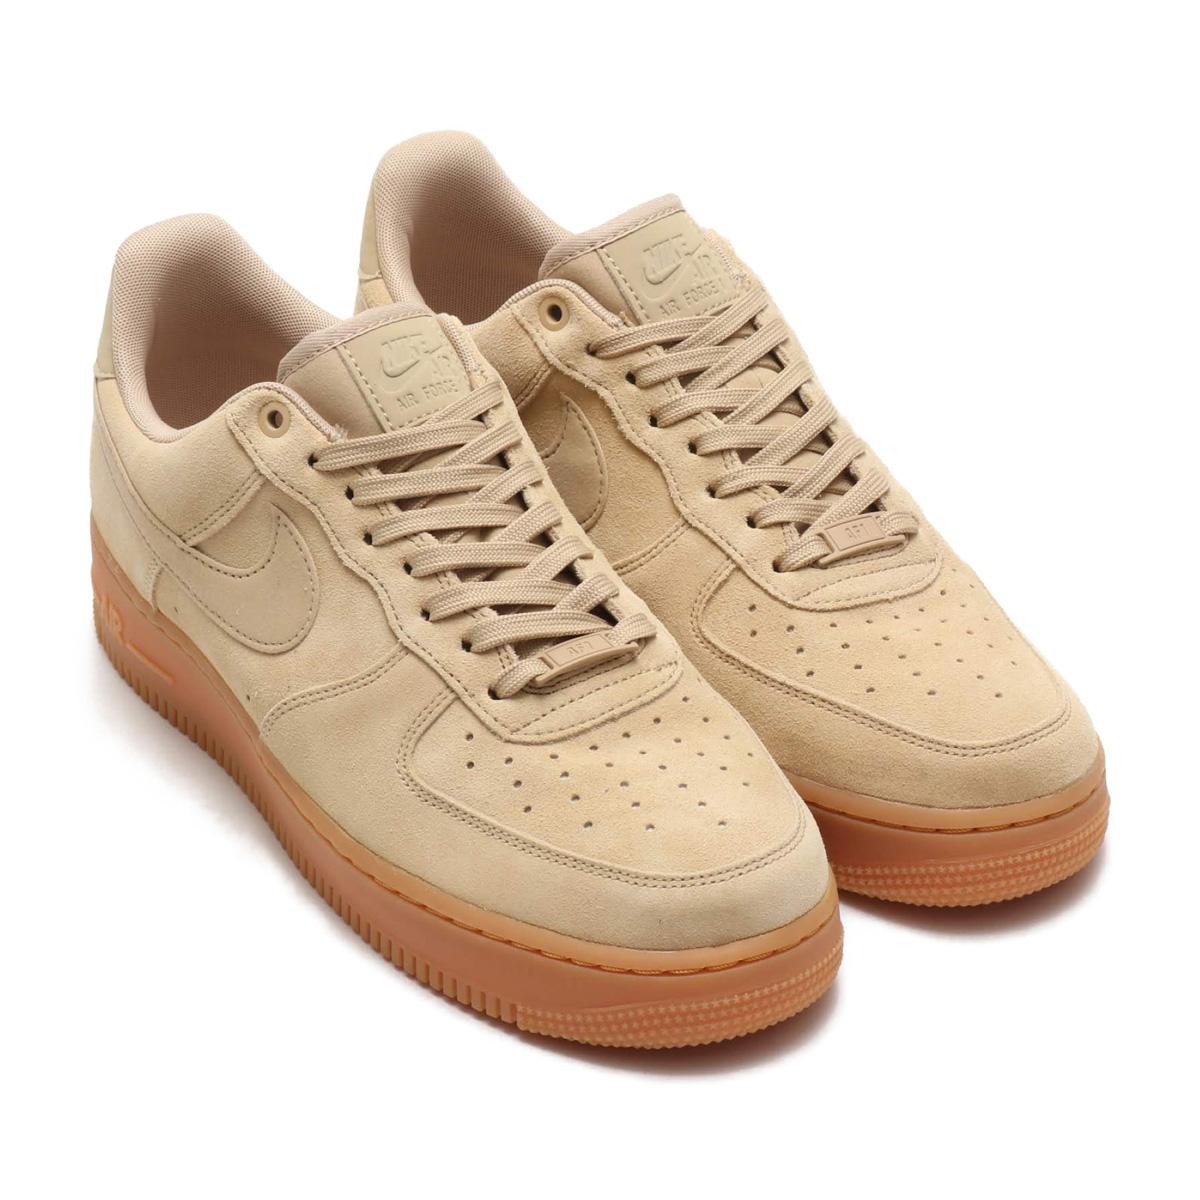 Nike Air Force 1 07 LV8 Suede Mushroom AA1117 200